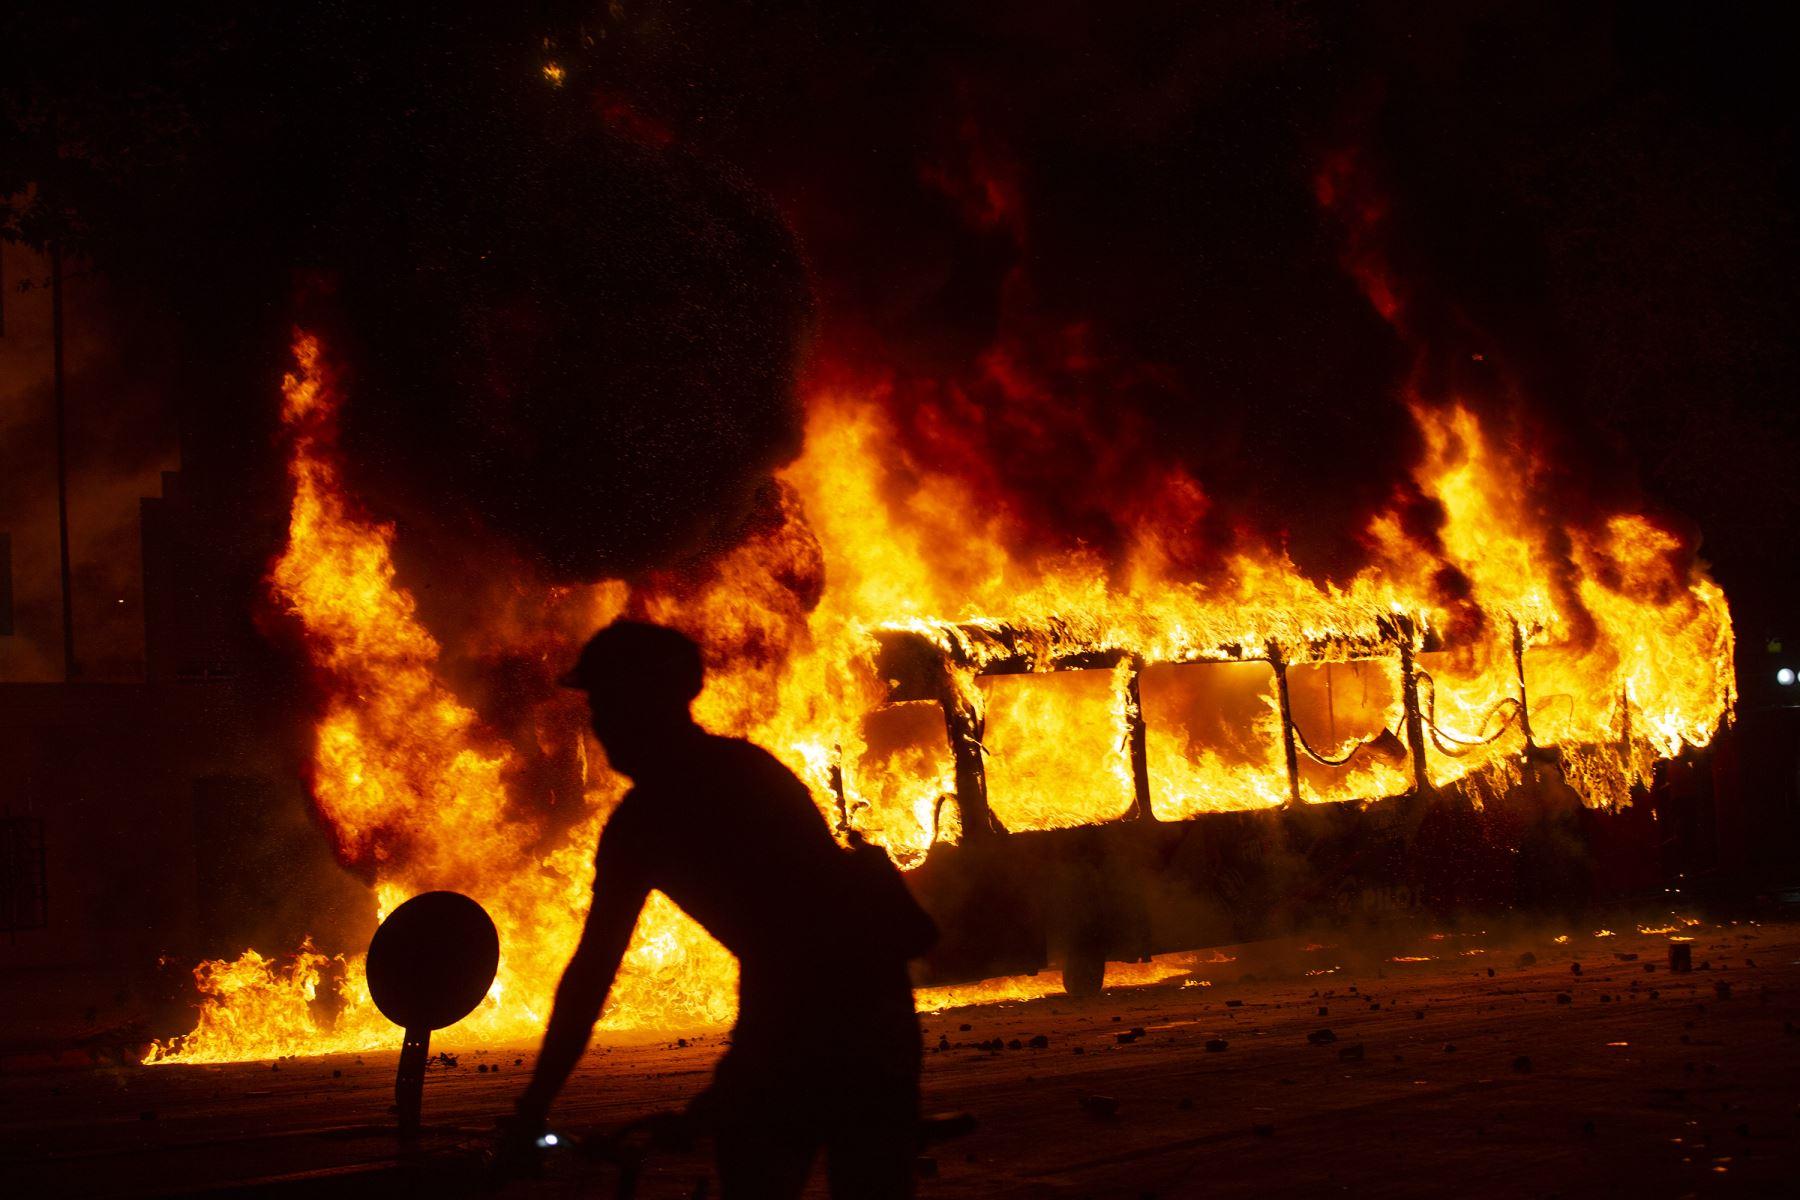 Un autobús se incendia en el centro de Santiago,  luego de una protesta masiva de evasión de tarifas. Estudiantes de escuelas y universidades se unieron a una protesta masiva de evasión de tarifas en el metro de Santiago después del aumento más alto de tarifas en los últimos años, paralizando dos de sus líneas principales. AFP